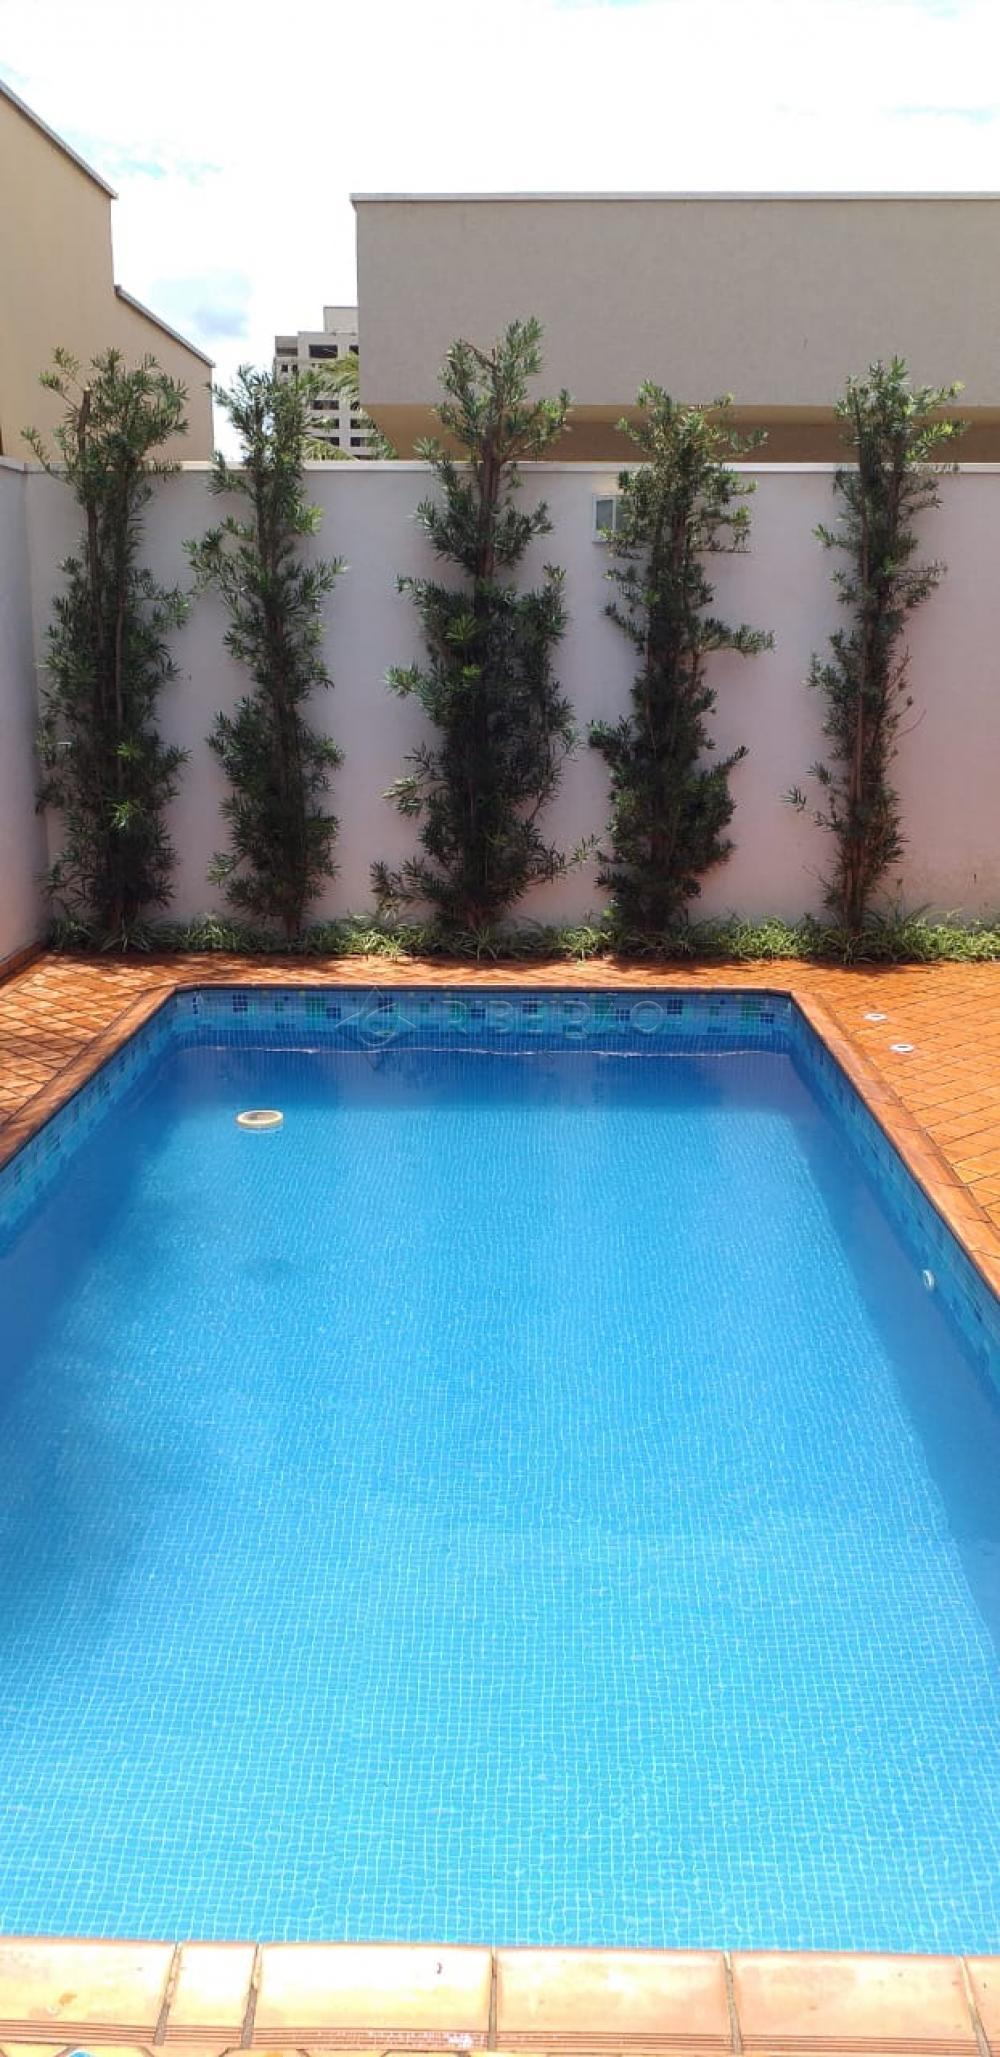 Comprar Casa / Condomínio em Bonfim Paulista R$ 900.000,00 - Foto 16